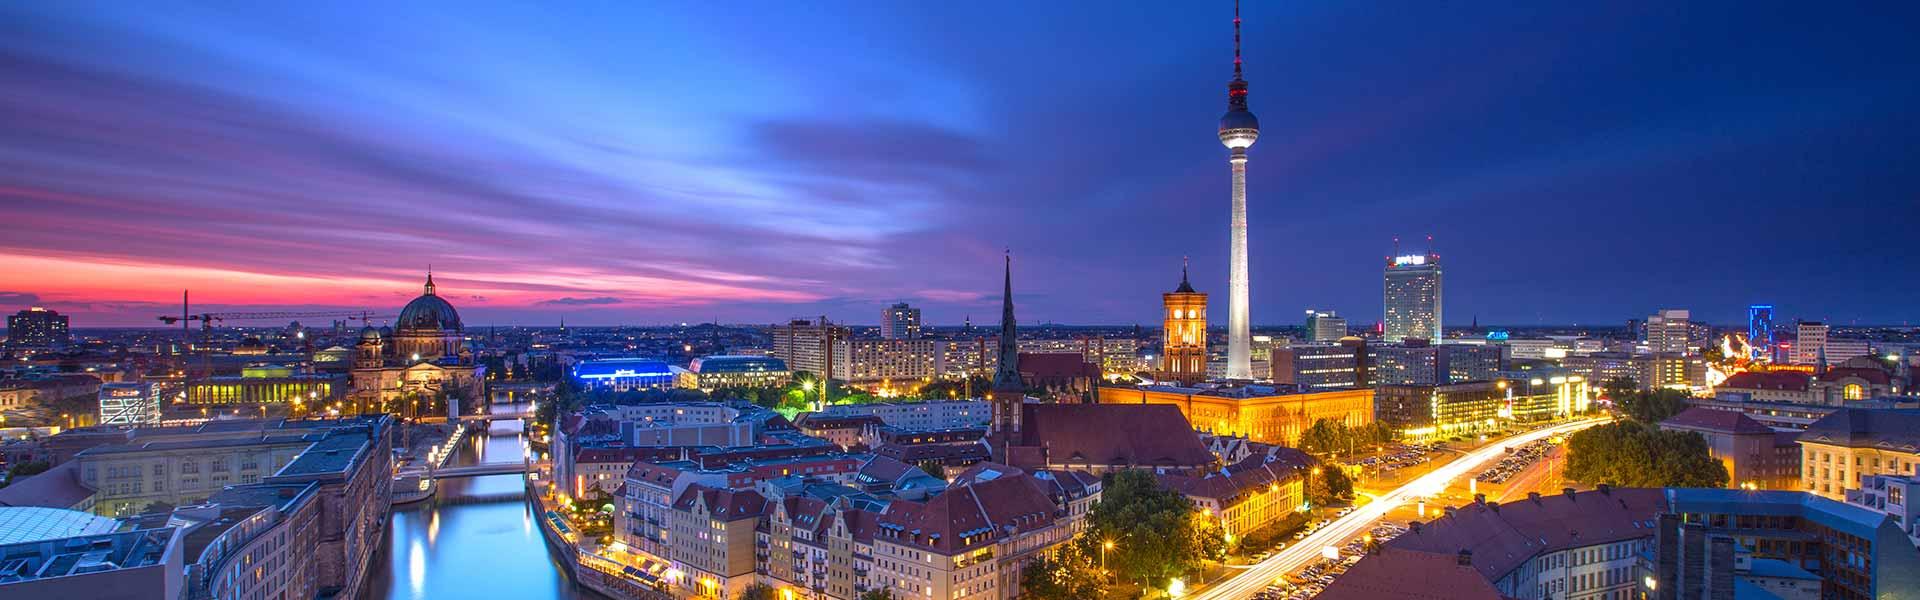 fernsehturm berlin ist das h chste bauwerk deutschlands. Black Bedroom Furniture Sets. Home Design Ideas